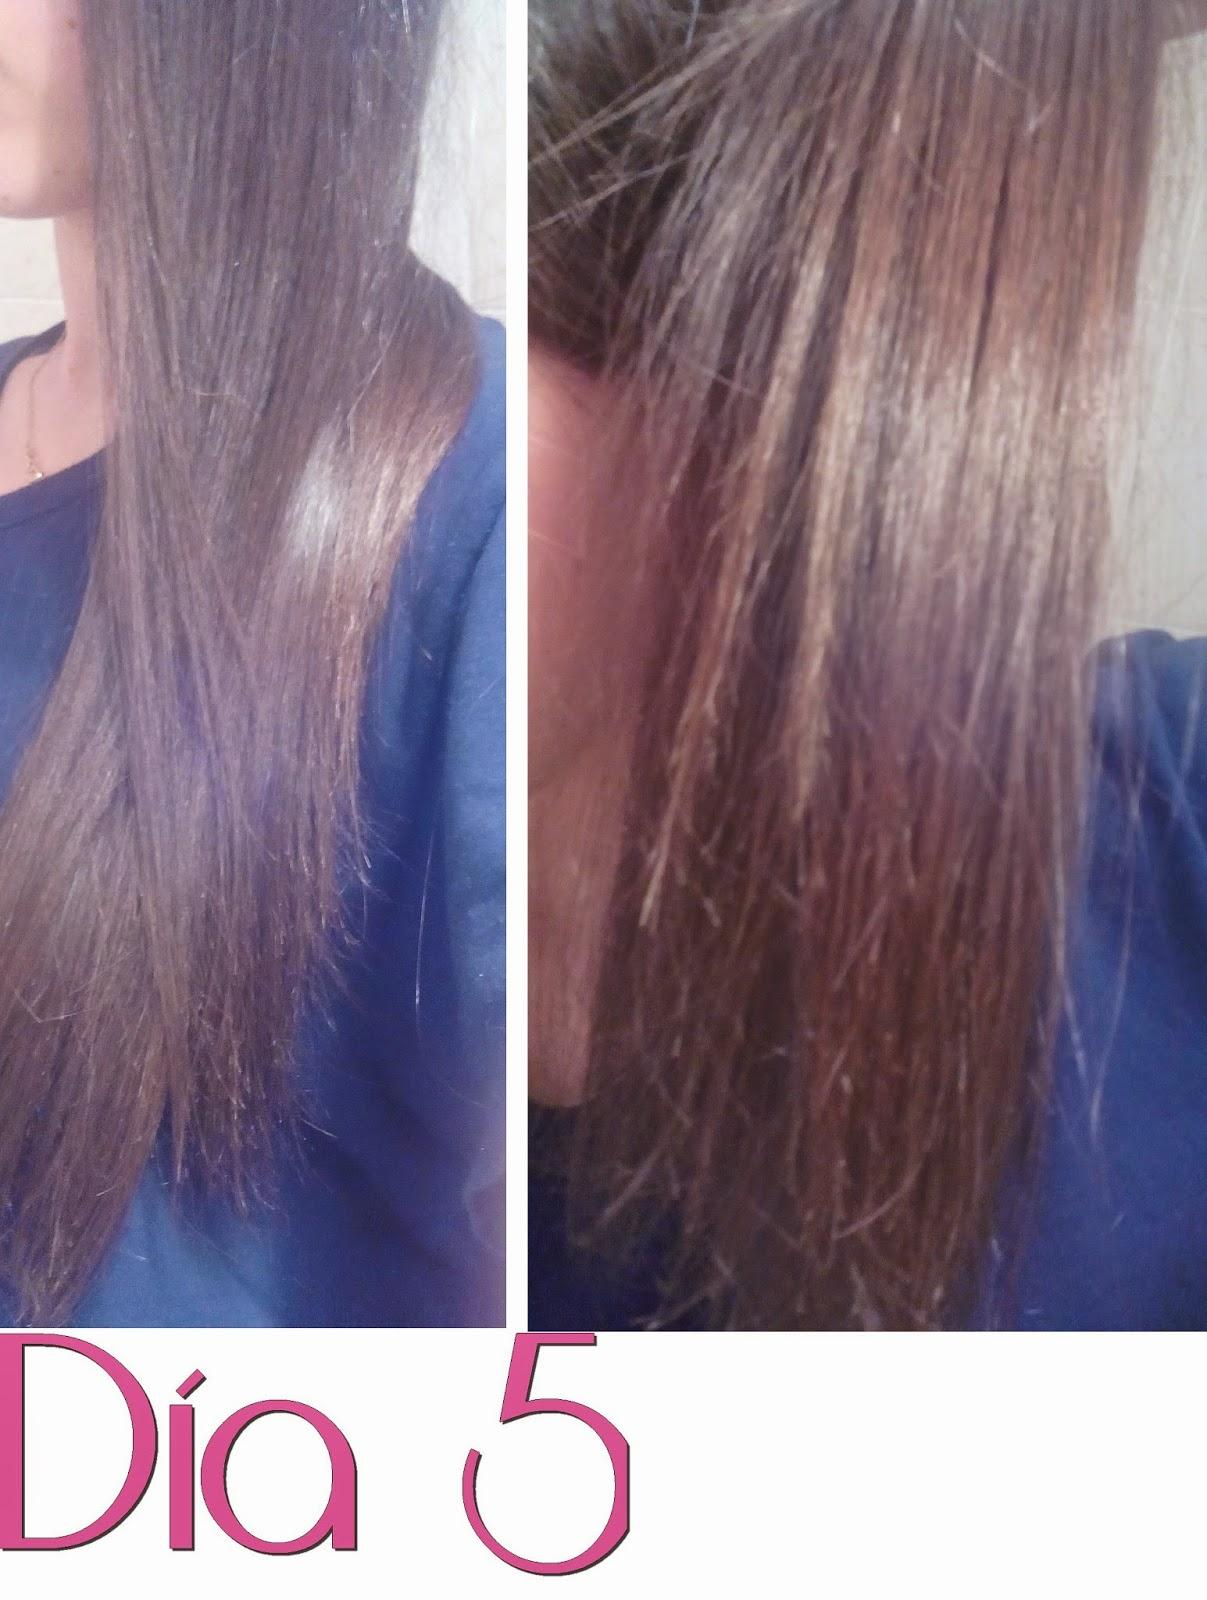 En definitiva, el uso del aceite de coco como tratamiento para el pelo me parece una opción buena, económica y natural para sanear vuestra melena o